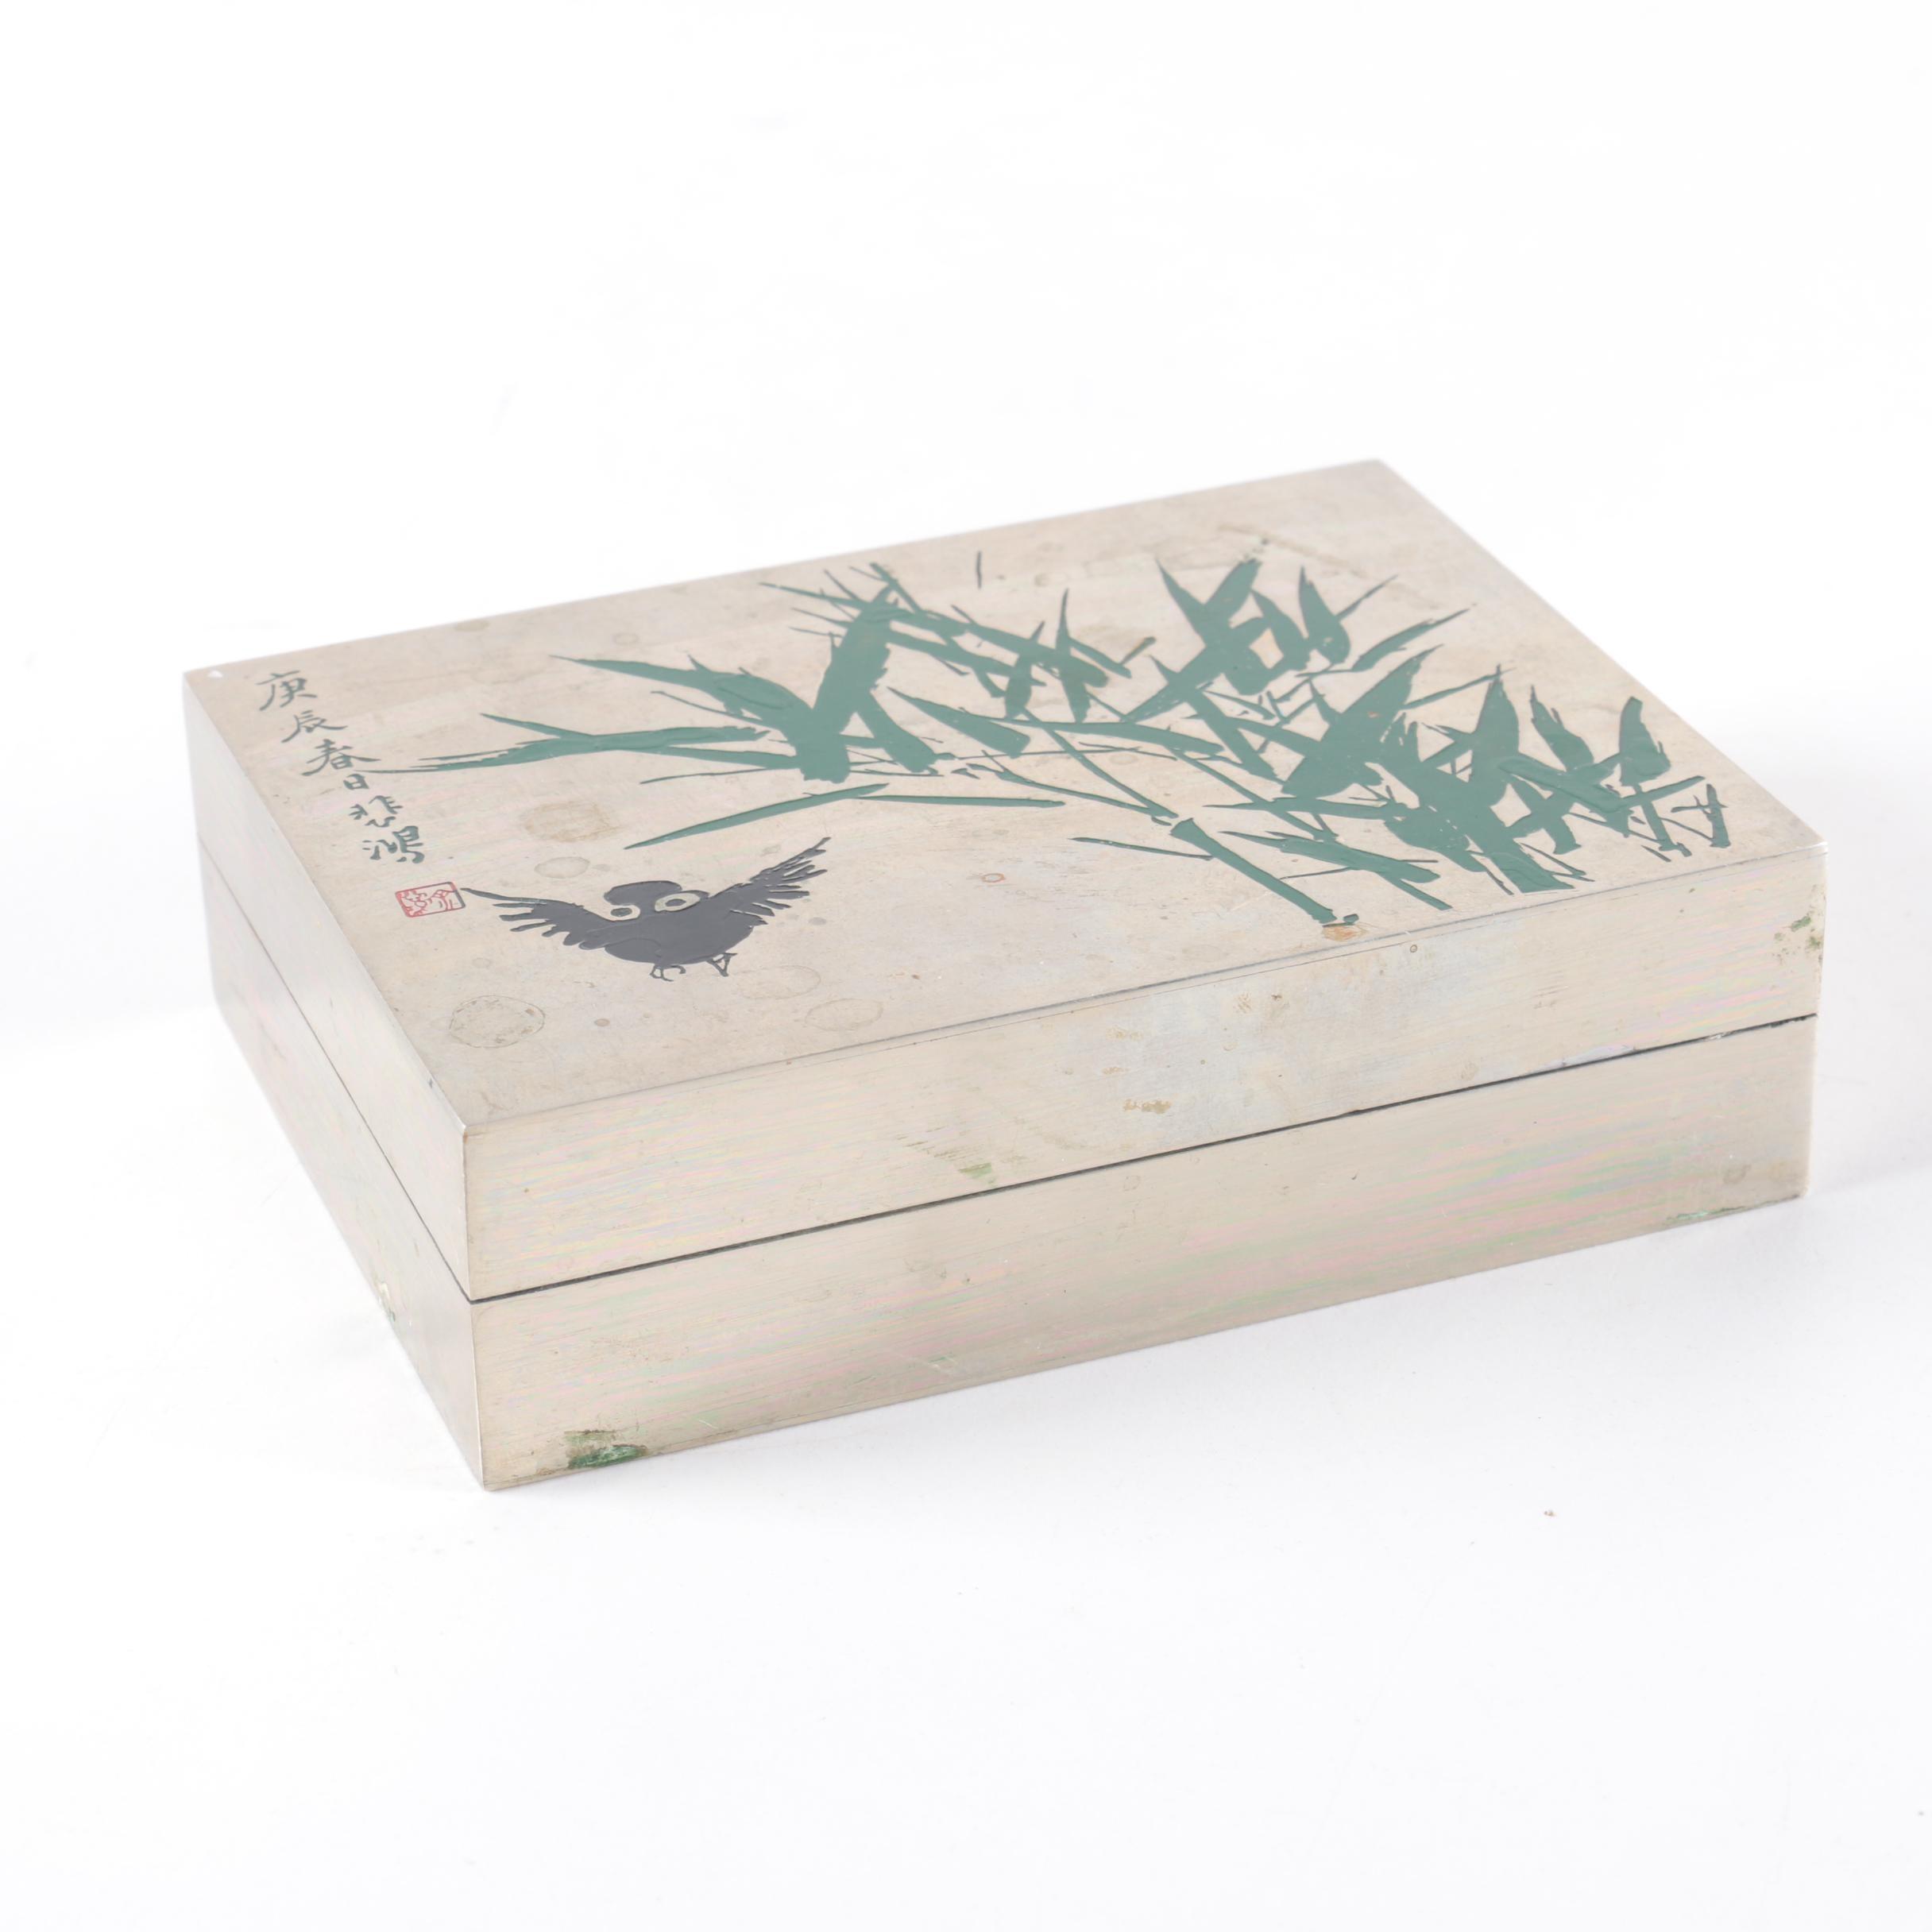 Vintage Chinese Metal Trinket Box